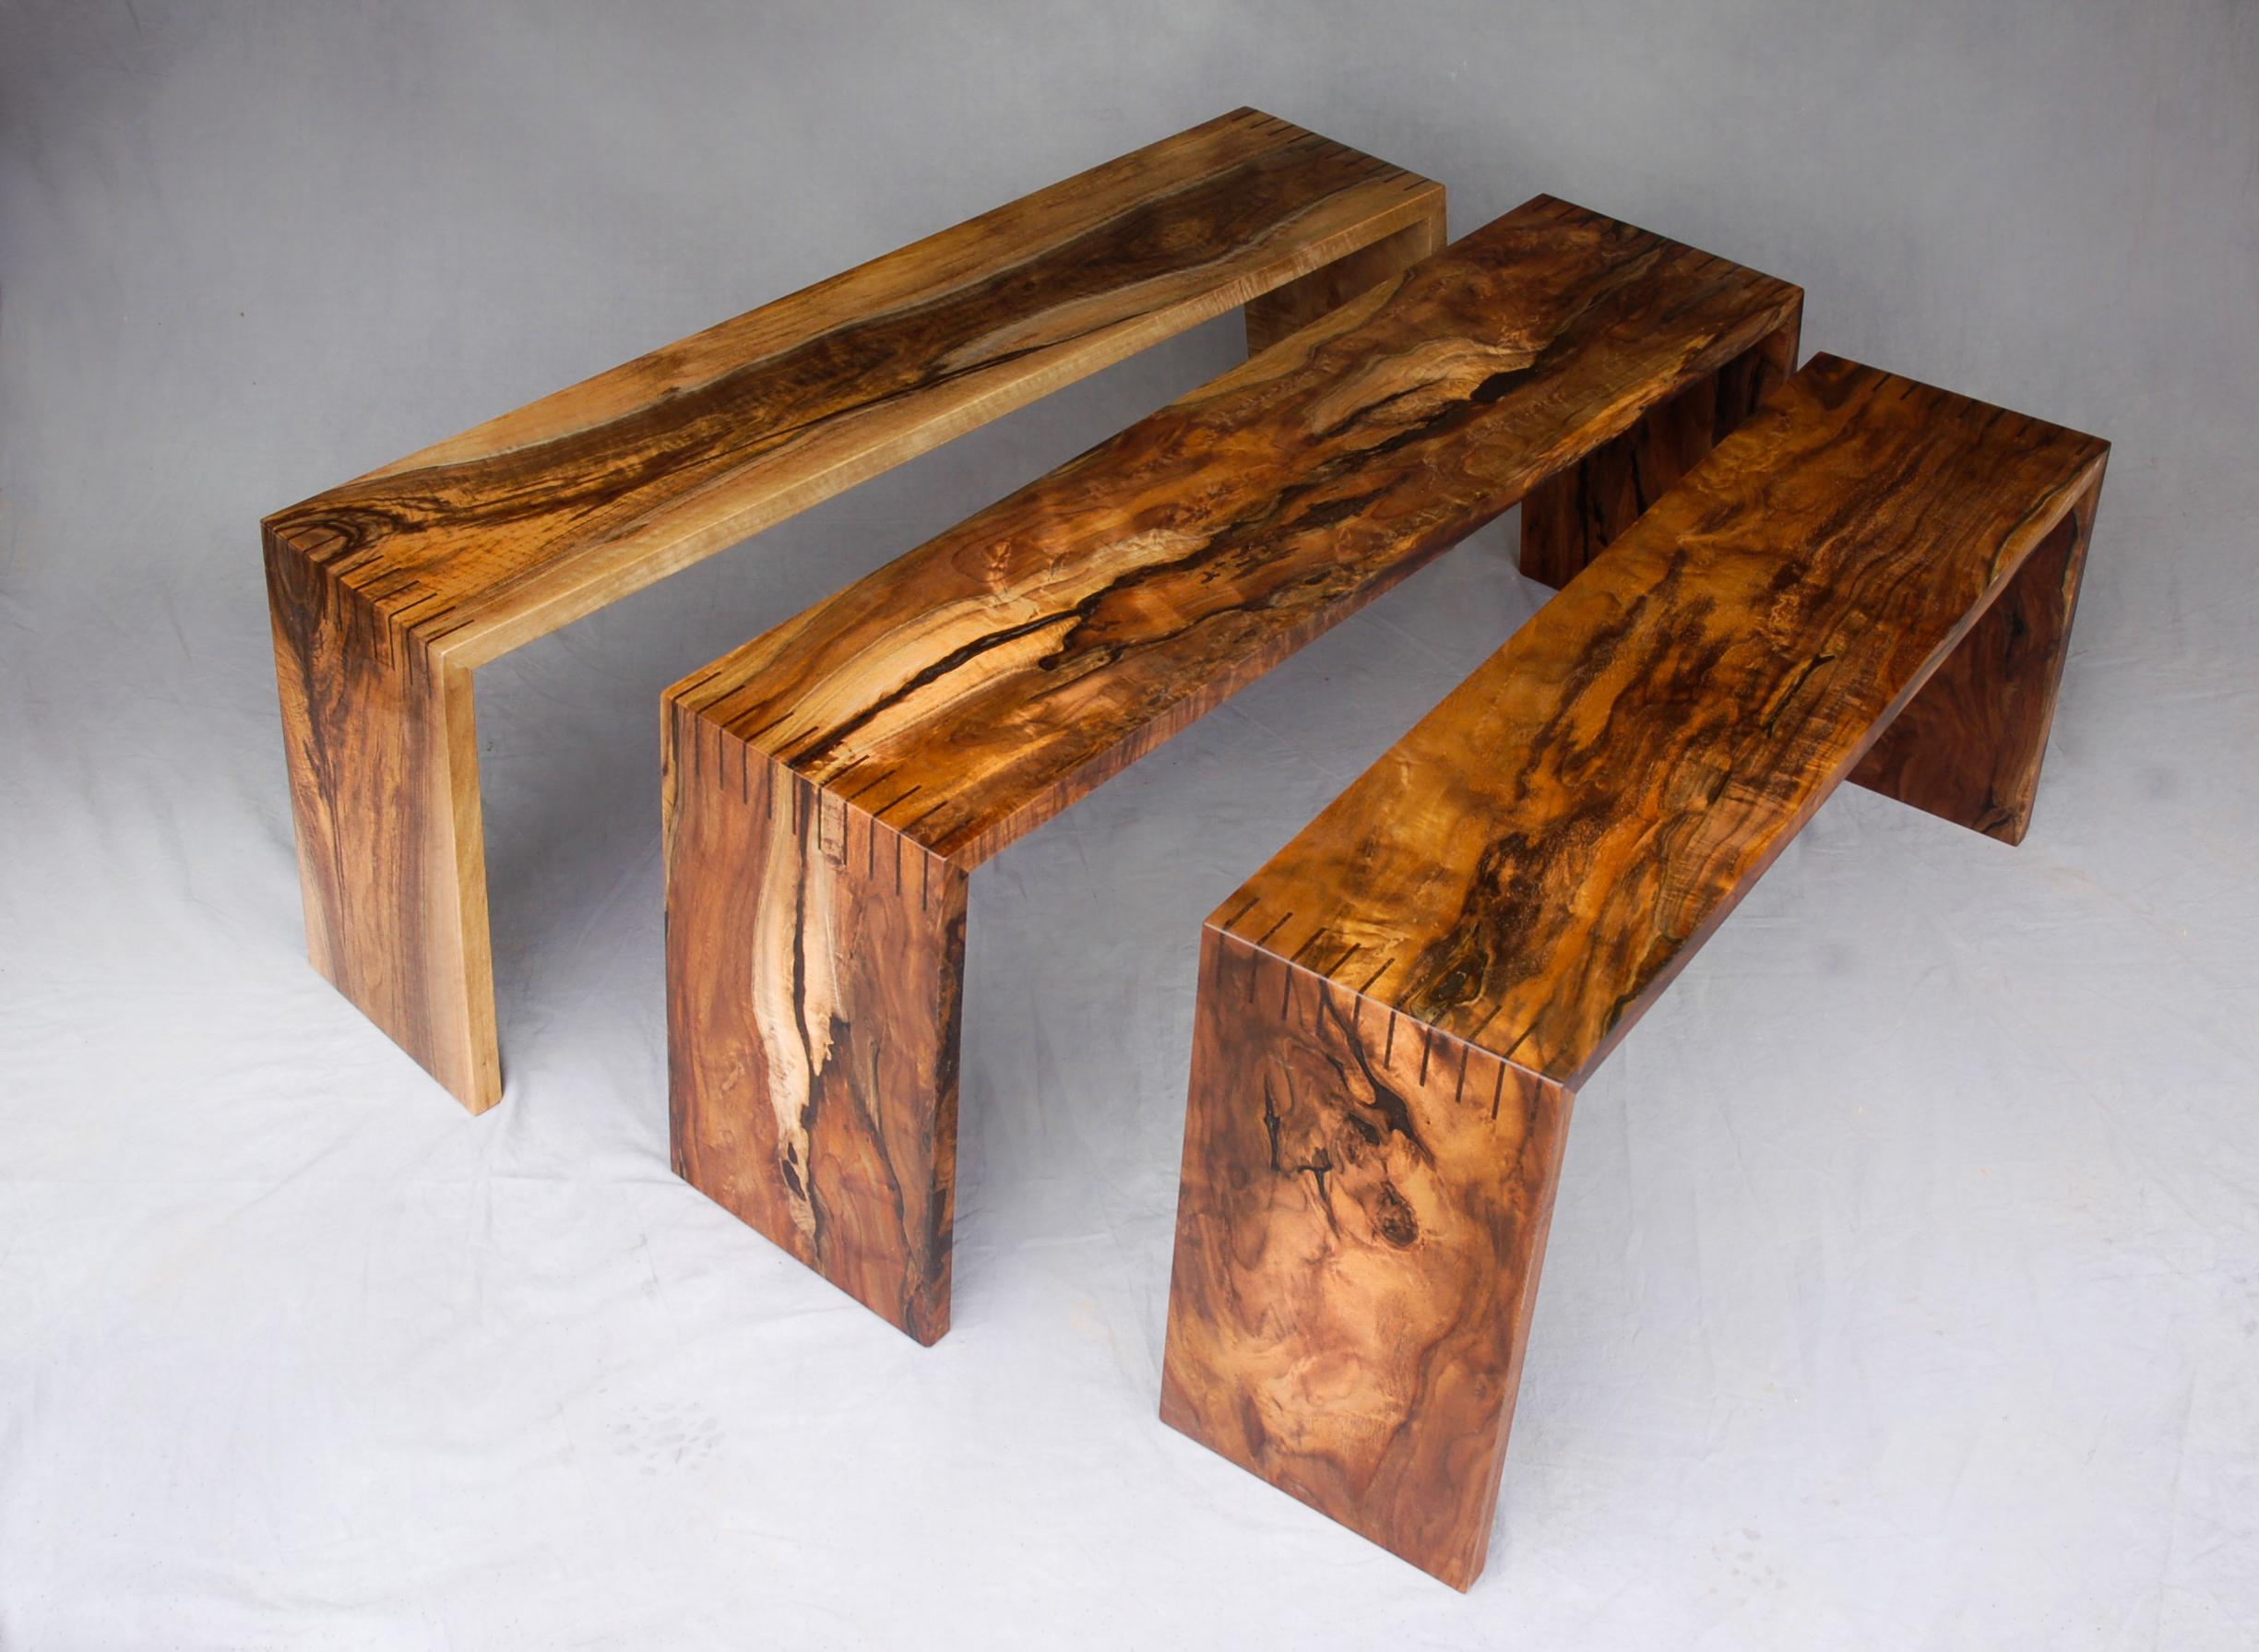 Spline Miter Bench